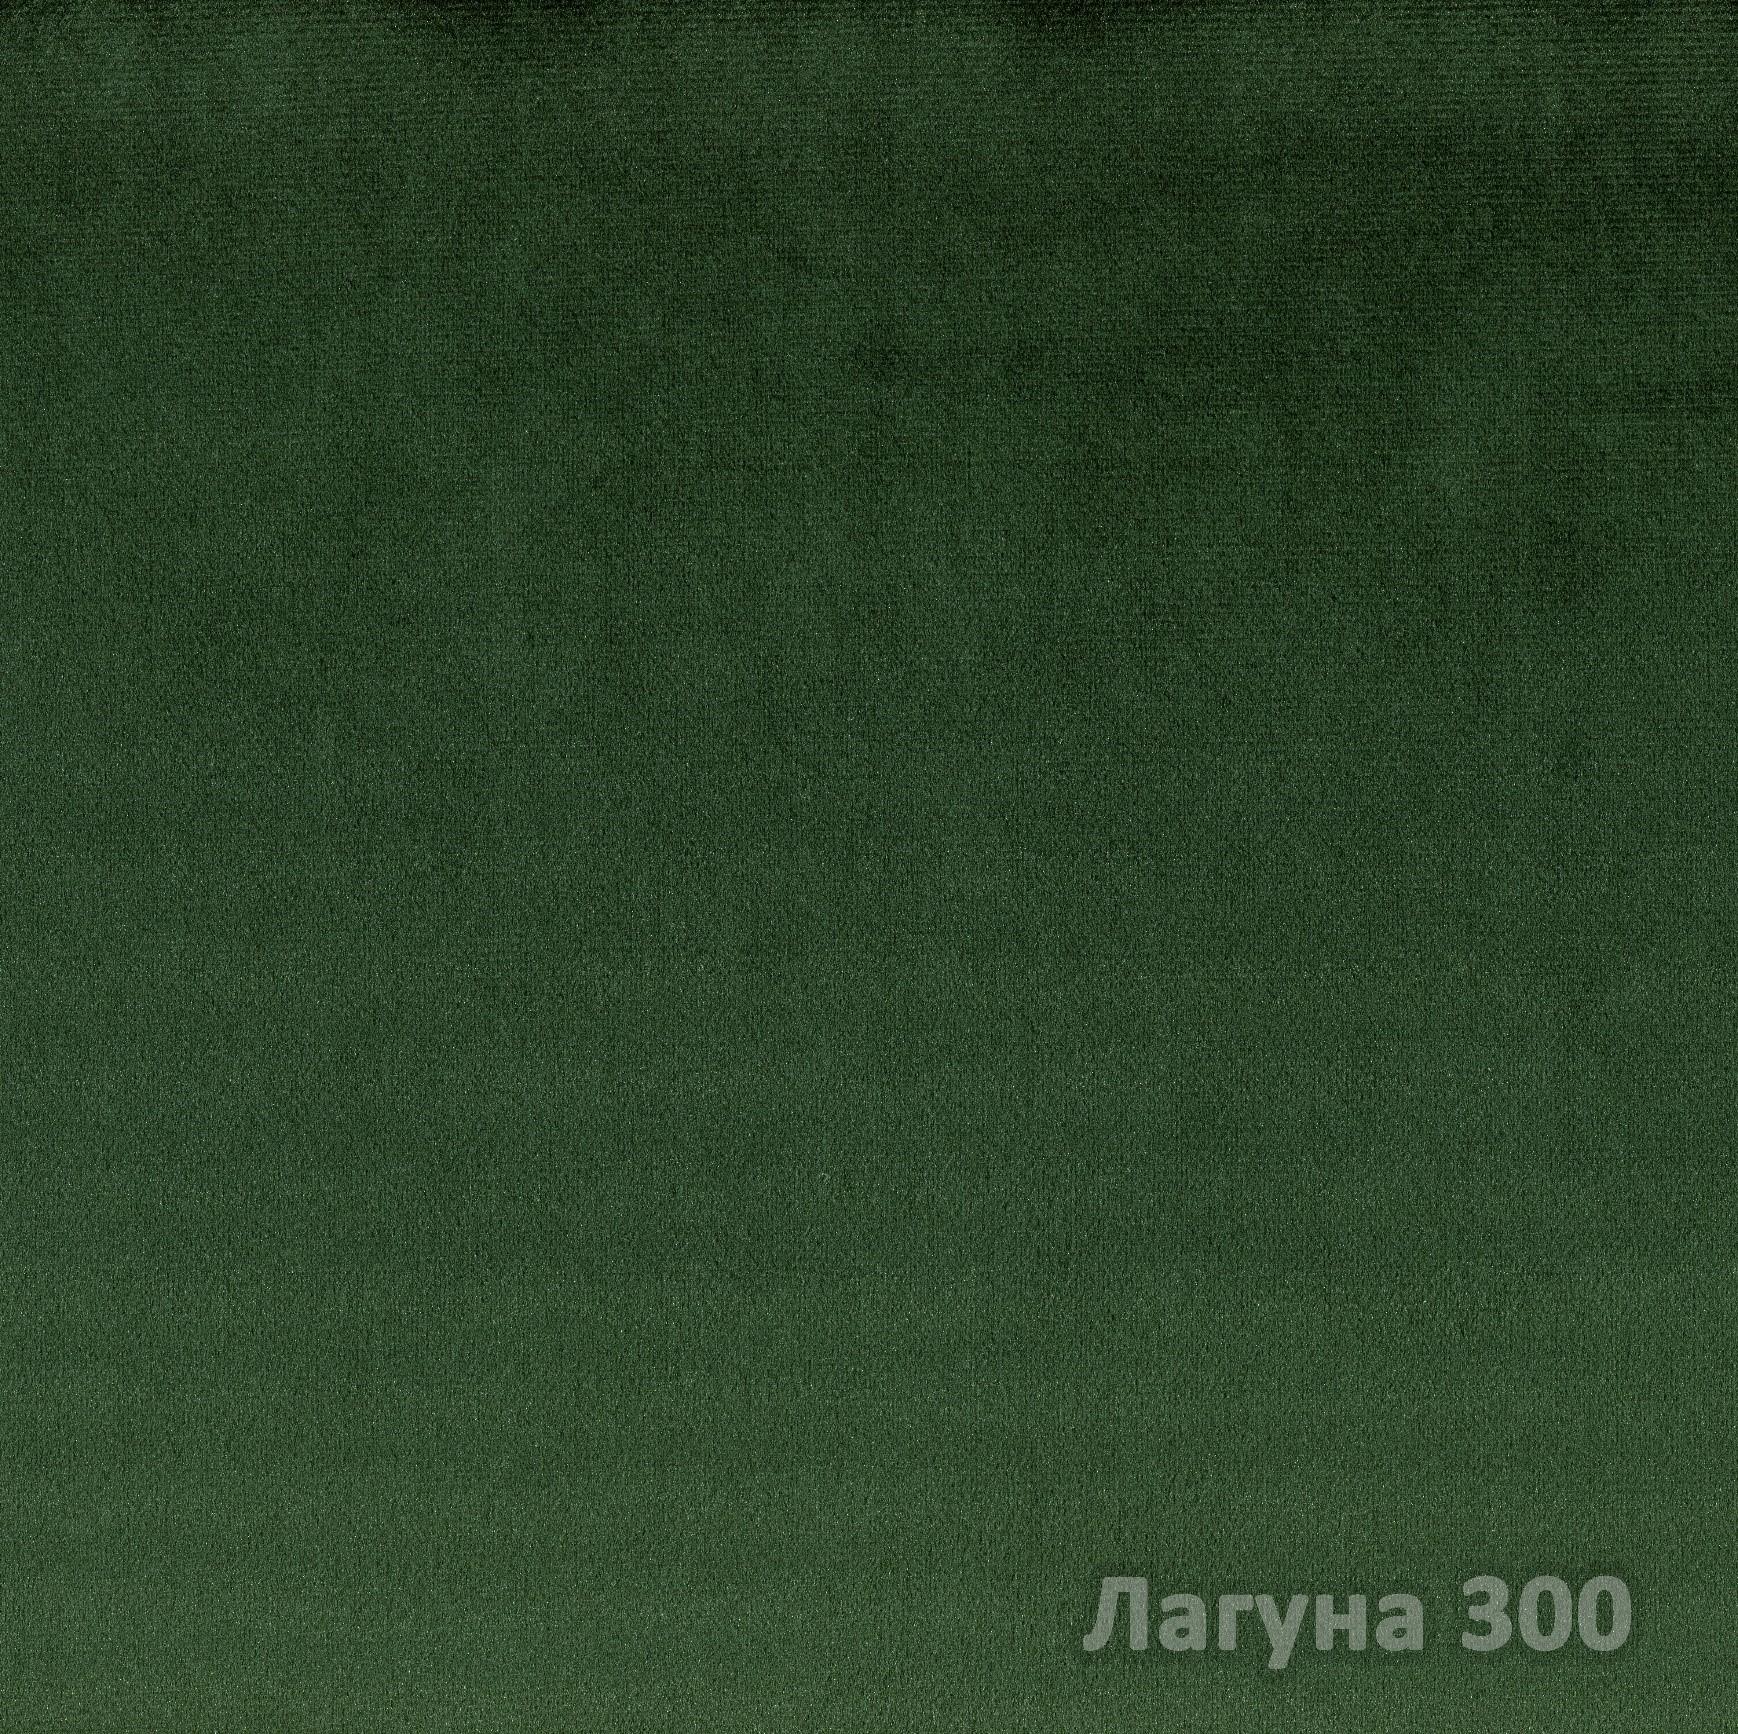 Коллекция ткани Лагуна 300,  купить ткань Велюр для мебели Украина